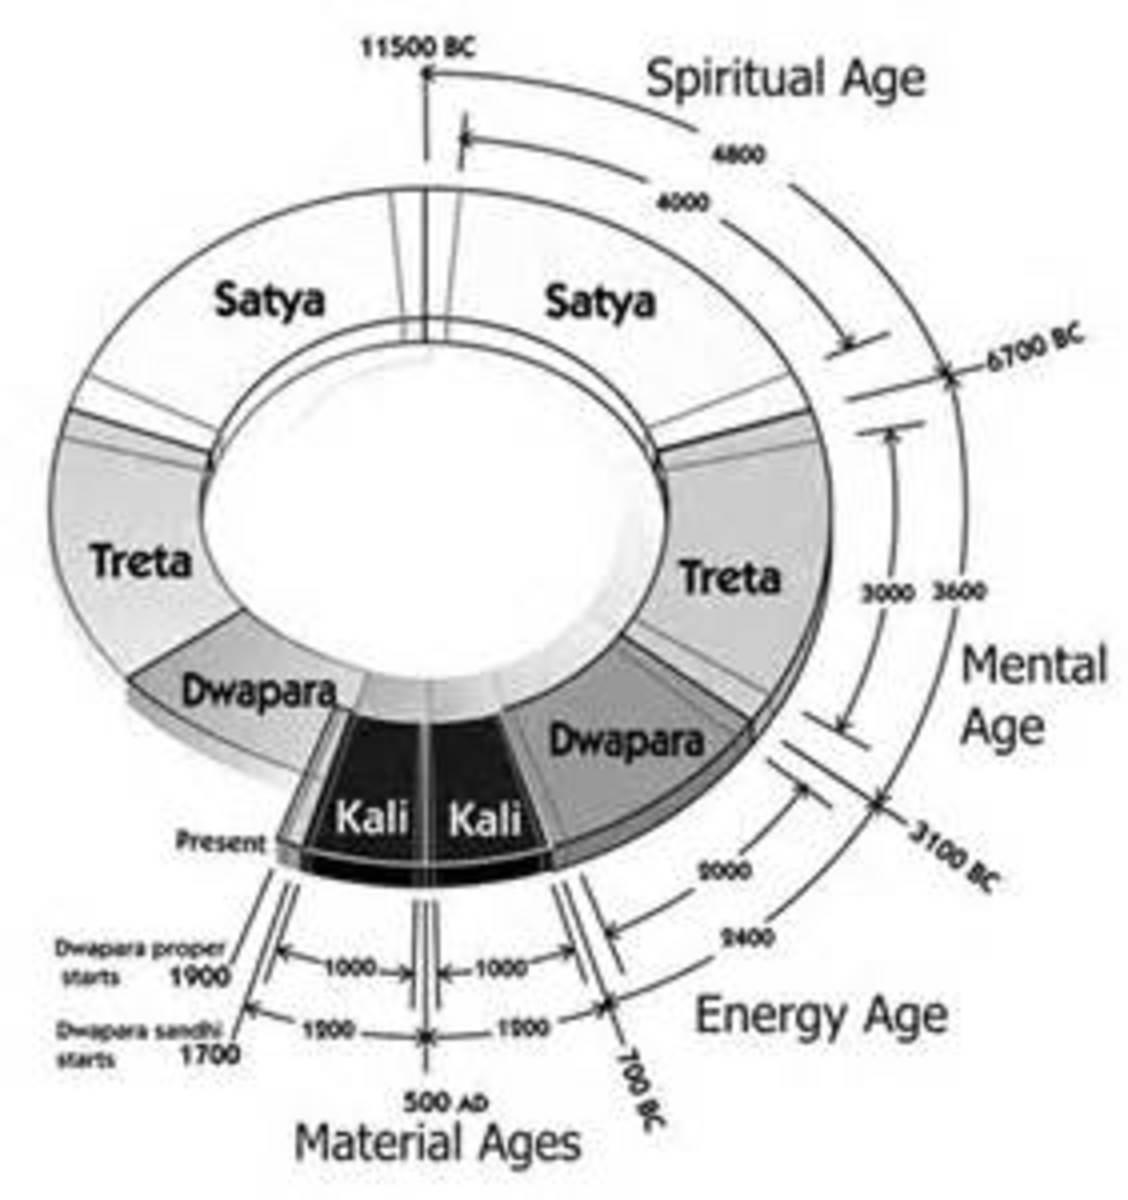 The Yuga Cycle